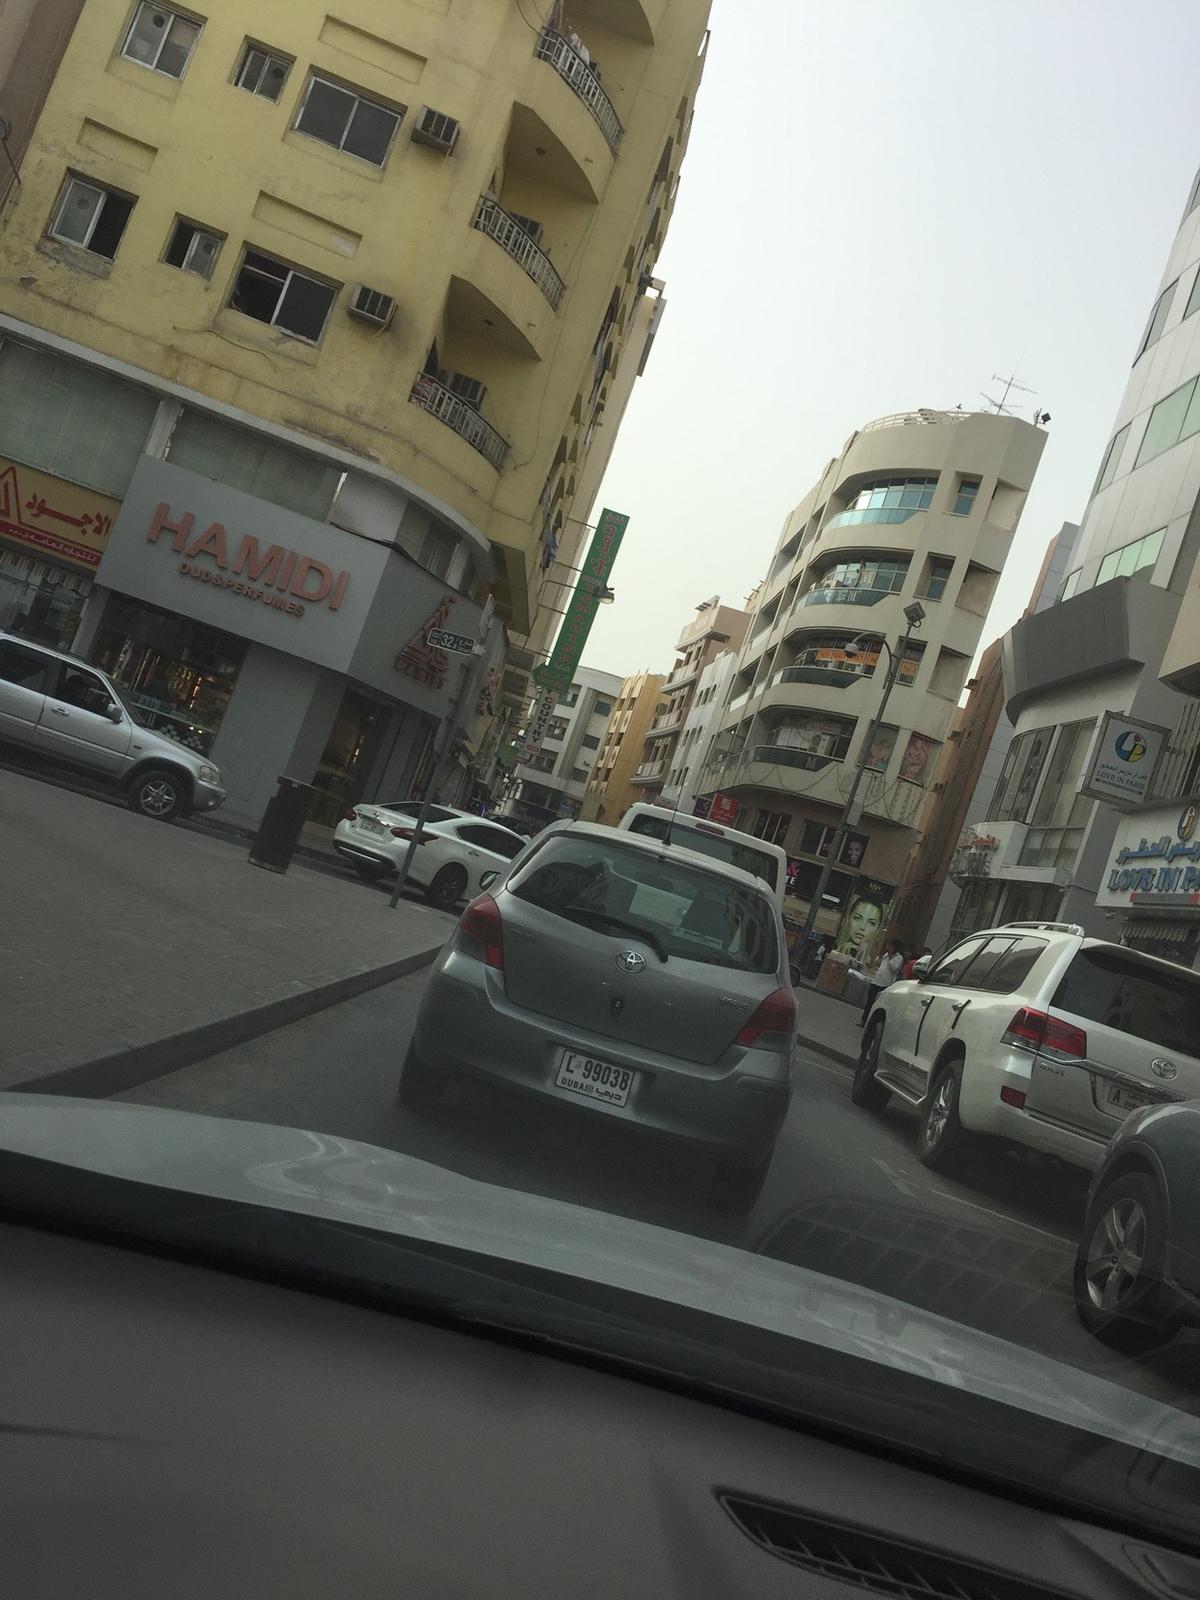 661662 المسافرون العرب دبي مدينة الجميرا